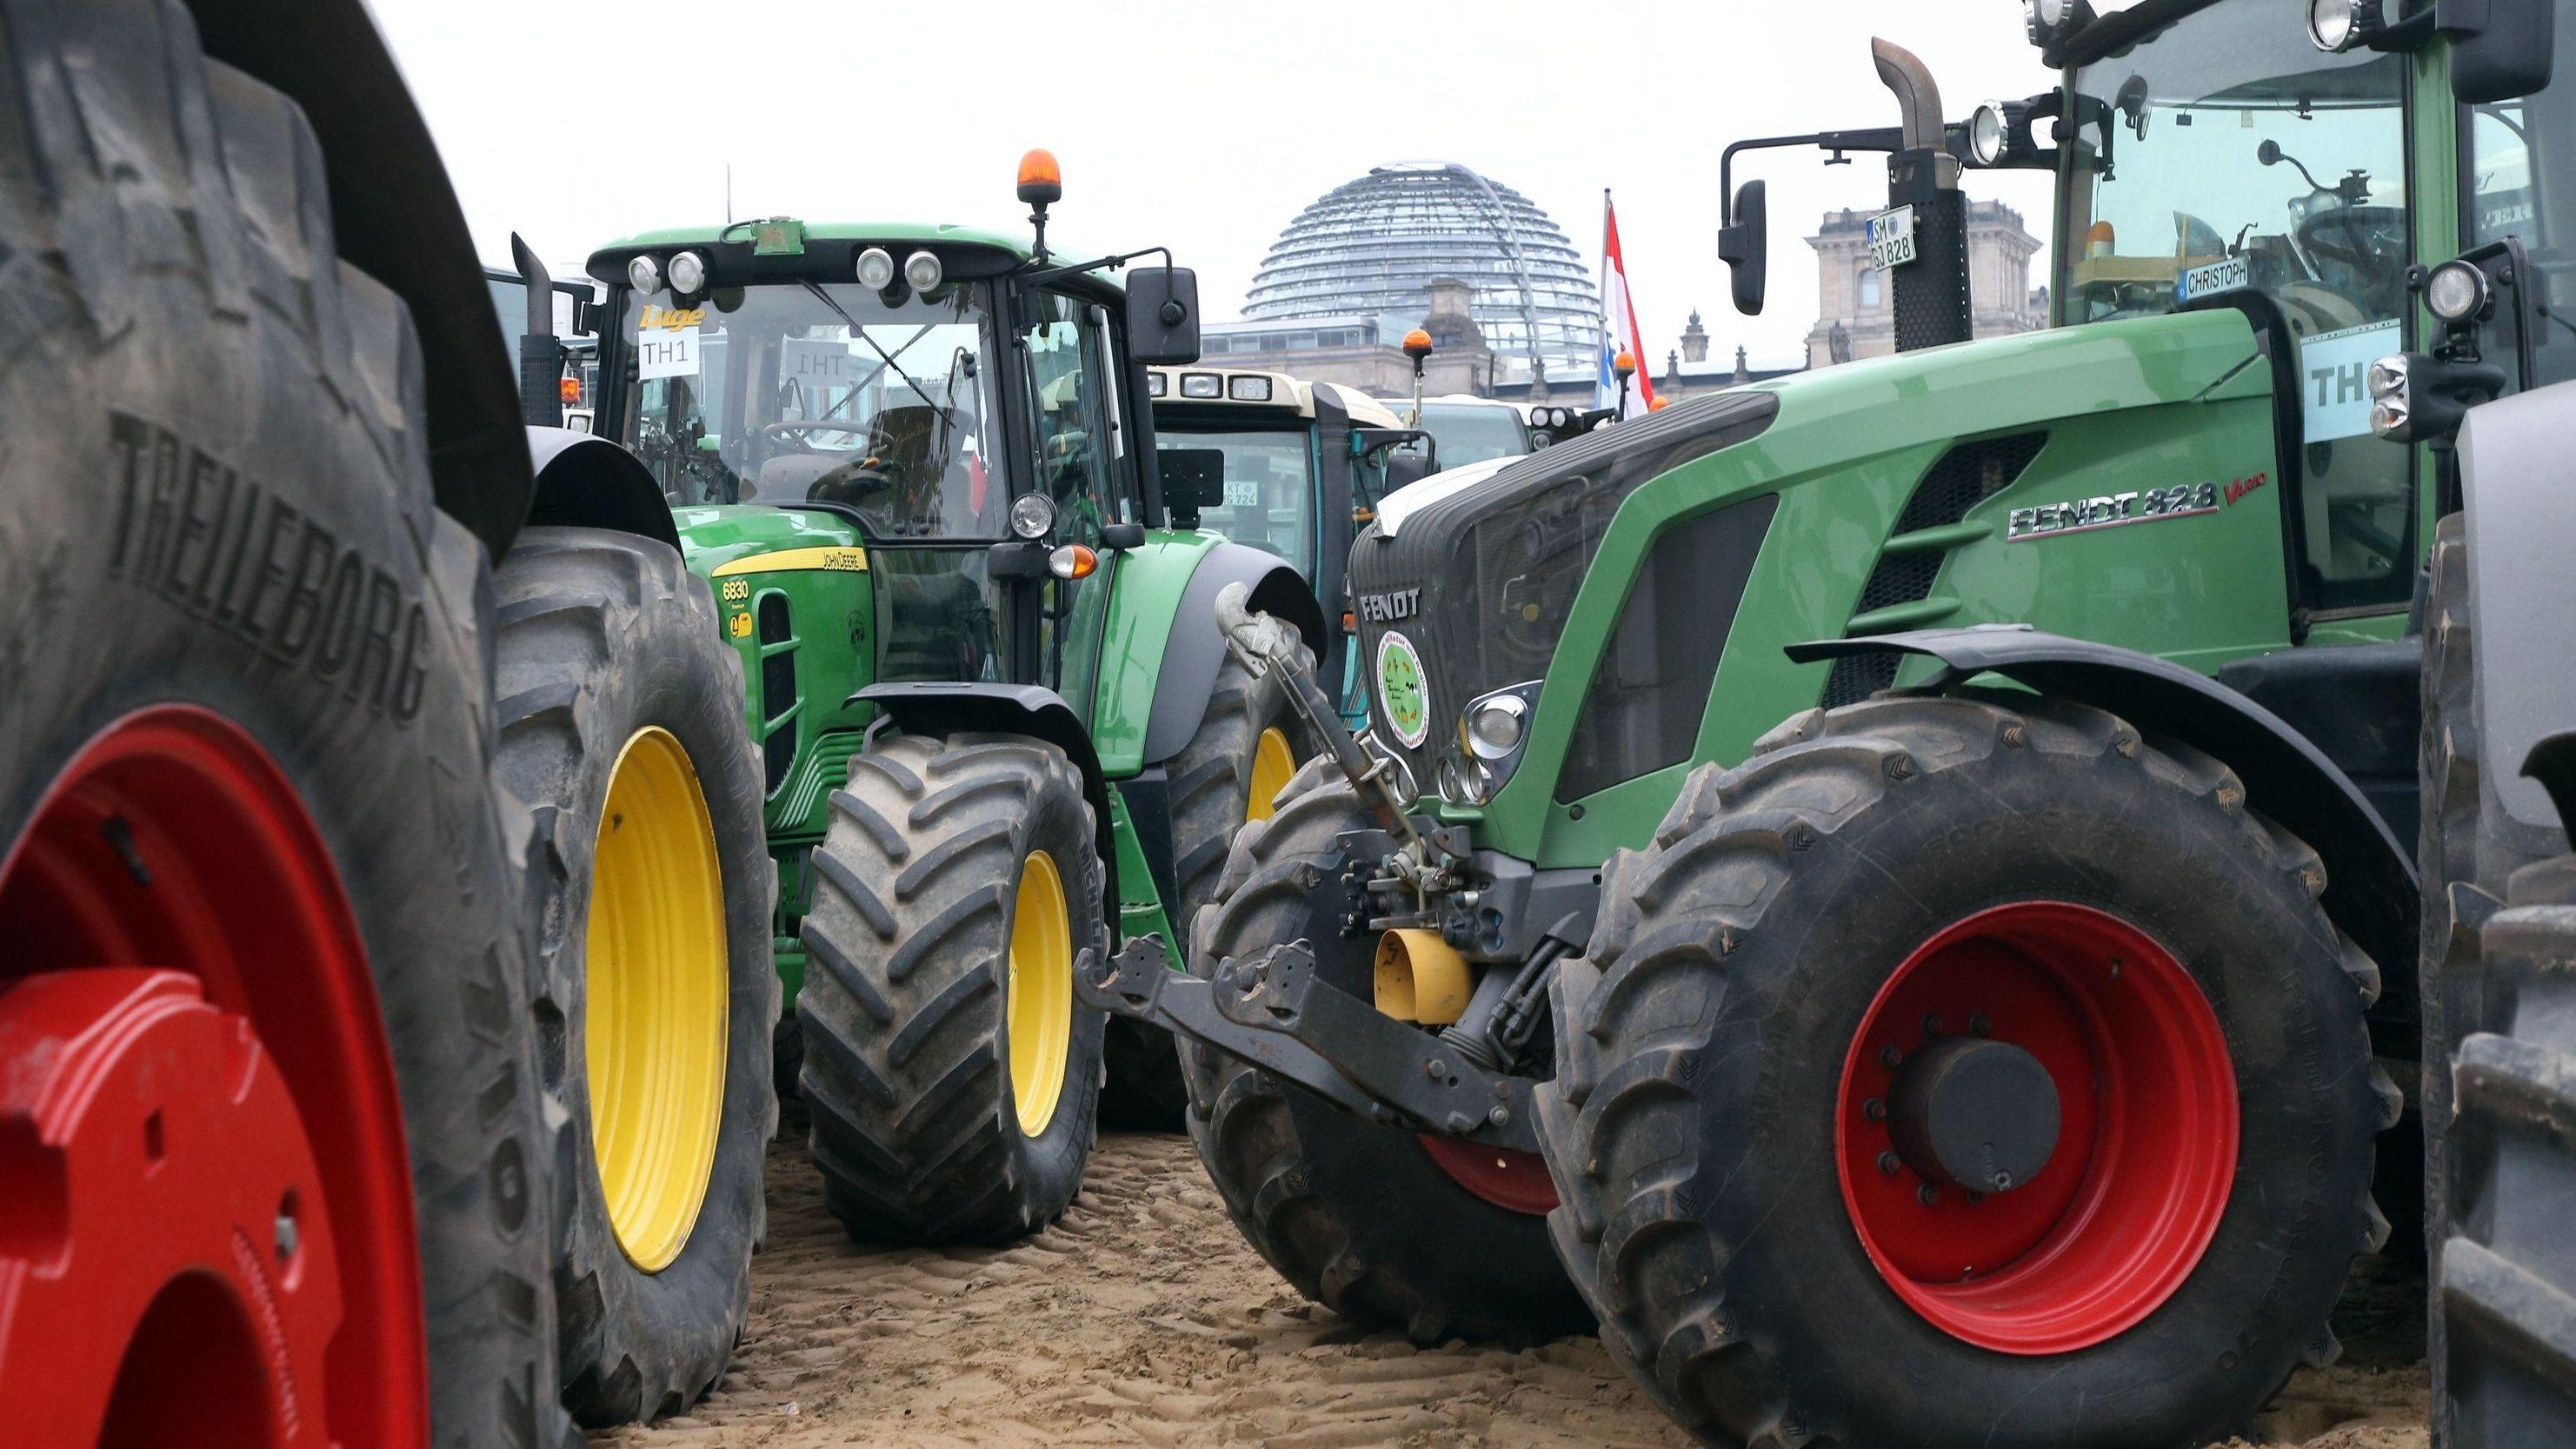 Mehrere Traktoren stehen vor der Reichstag in Berlin